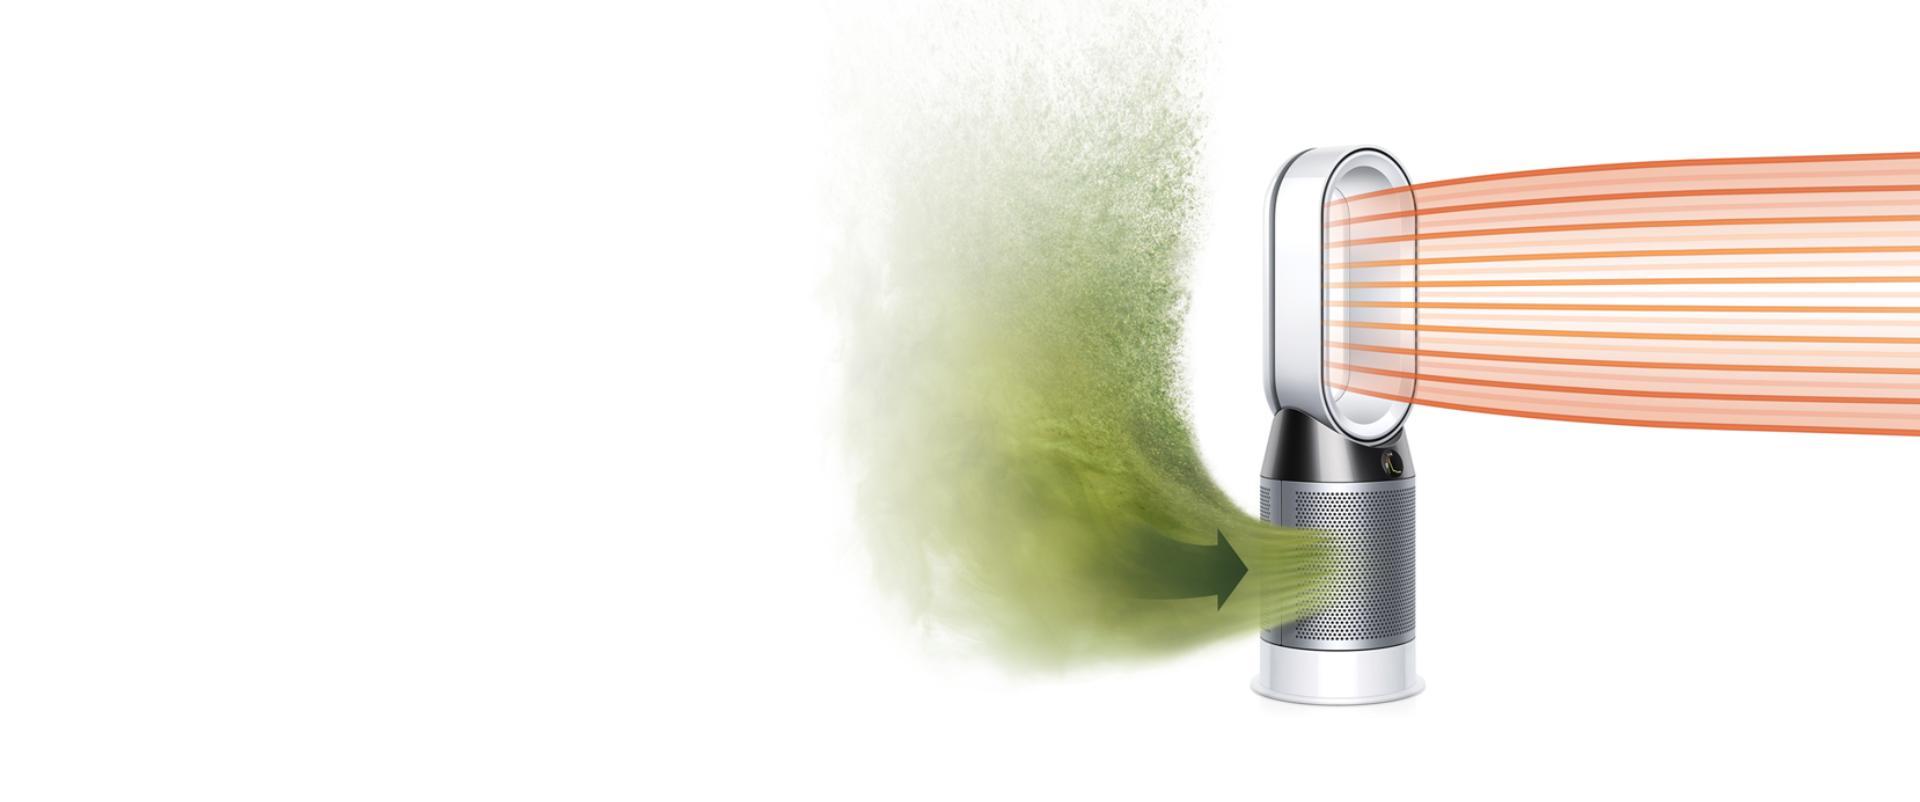 Dyson Pure Hot+Cool hava temizleyici fan temiz havayı odanızın içine dağıtıyor